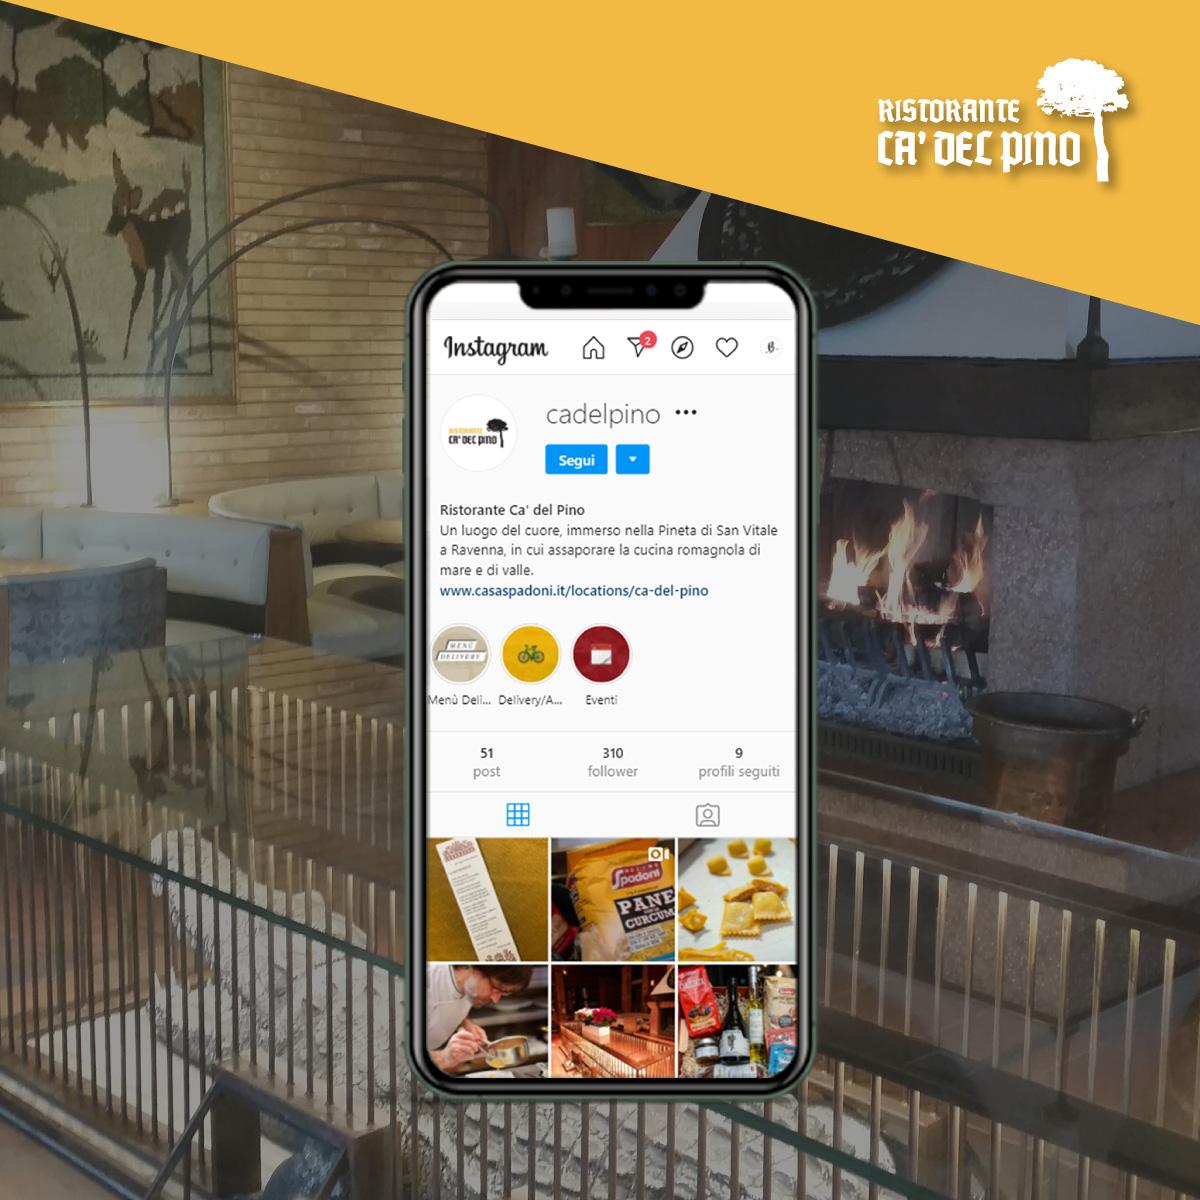 ristoranti-casa-spadoni-food-marketing-social-media-strategy-3